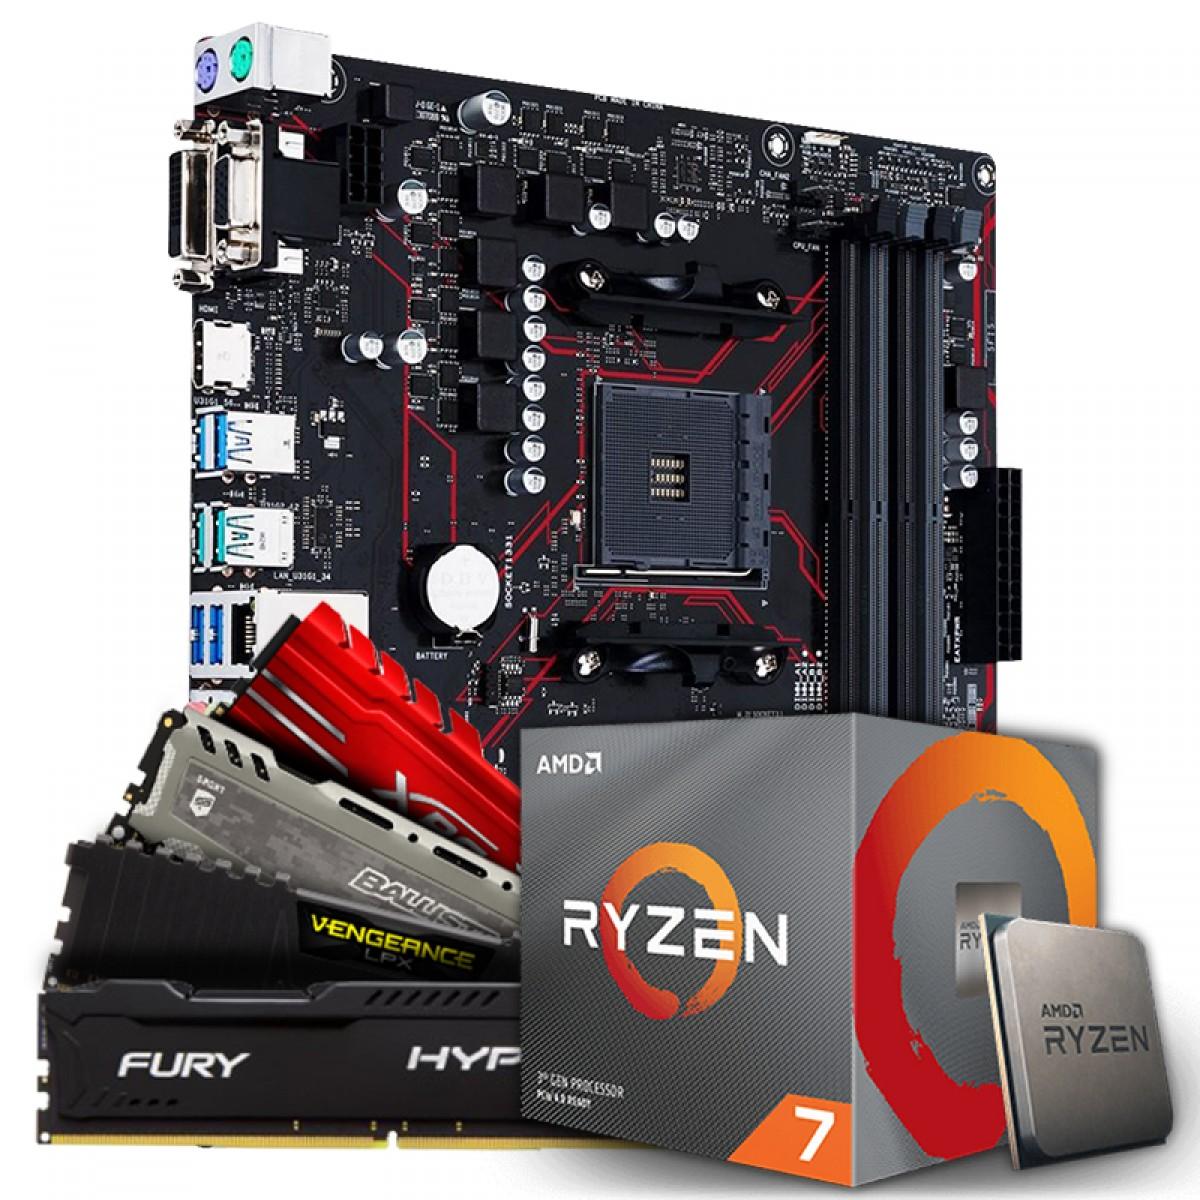 Placa Mãe Asus Prime B450M Gaming/BR AMD AM4 + Processador AMD Ryzen 7 2700 3.2GHz + Memória DDR4 8GB 3200MHz